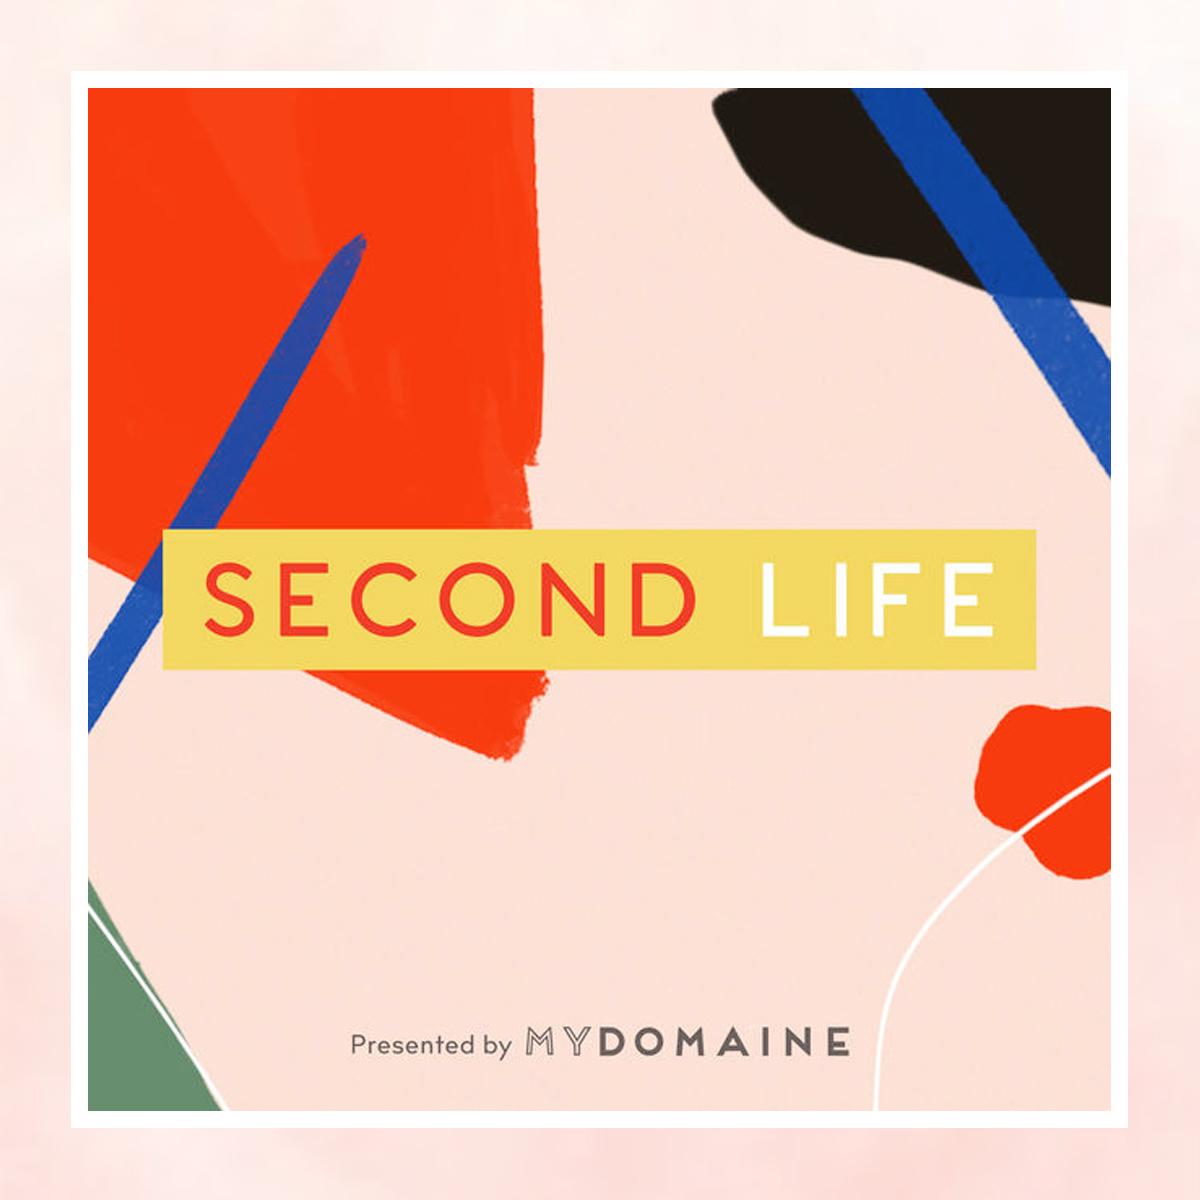 SecondLife-EasilyInspired.jpg